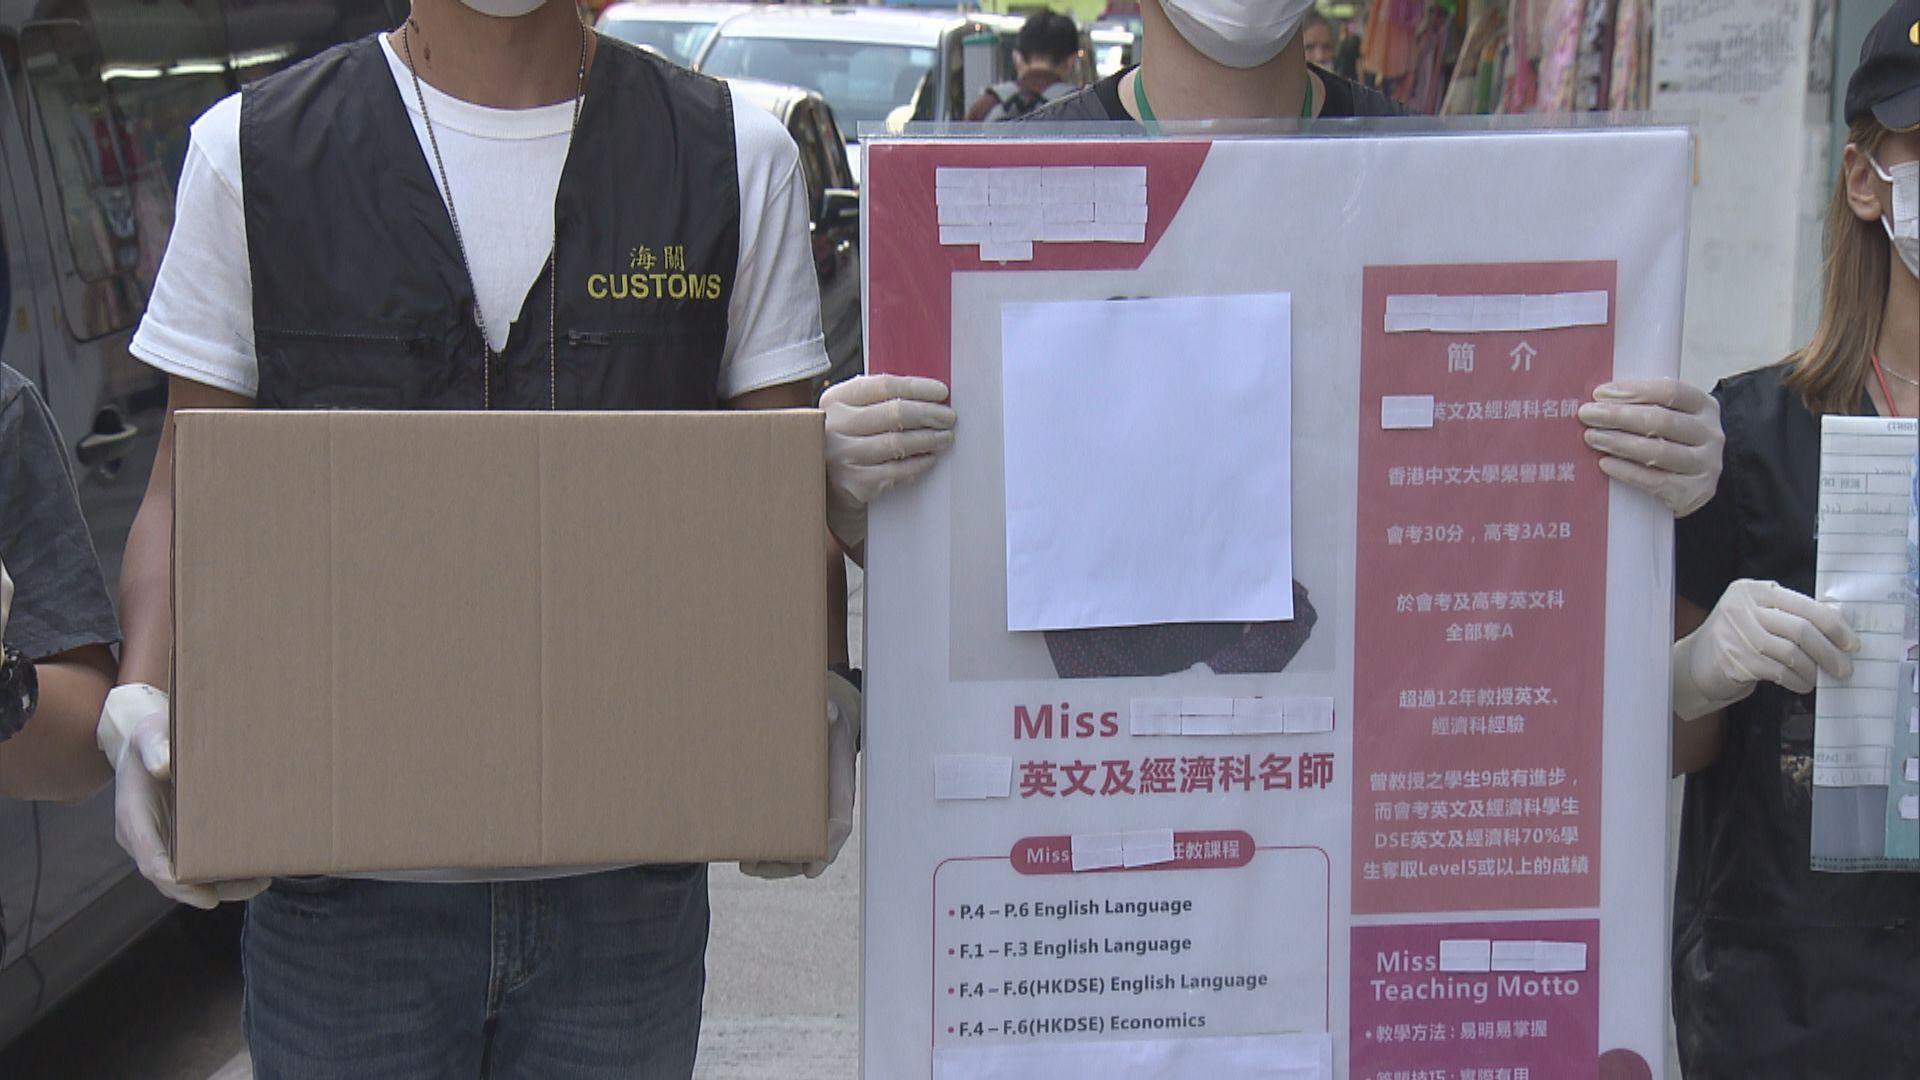 海關於九龍城一間補習社拘捕三人涉偽造學歷